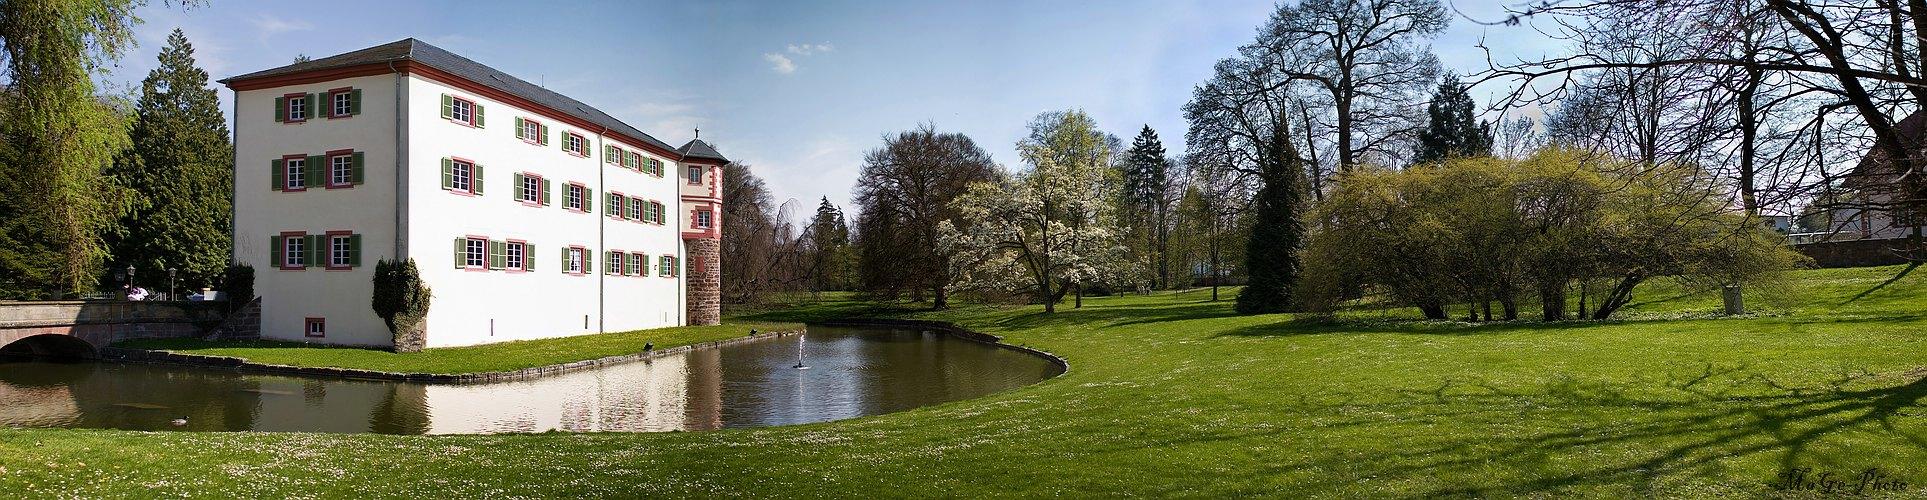 Schloss Eichtersheim 2